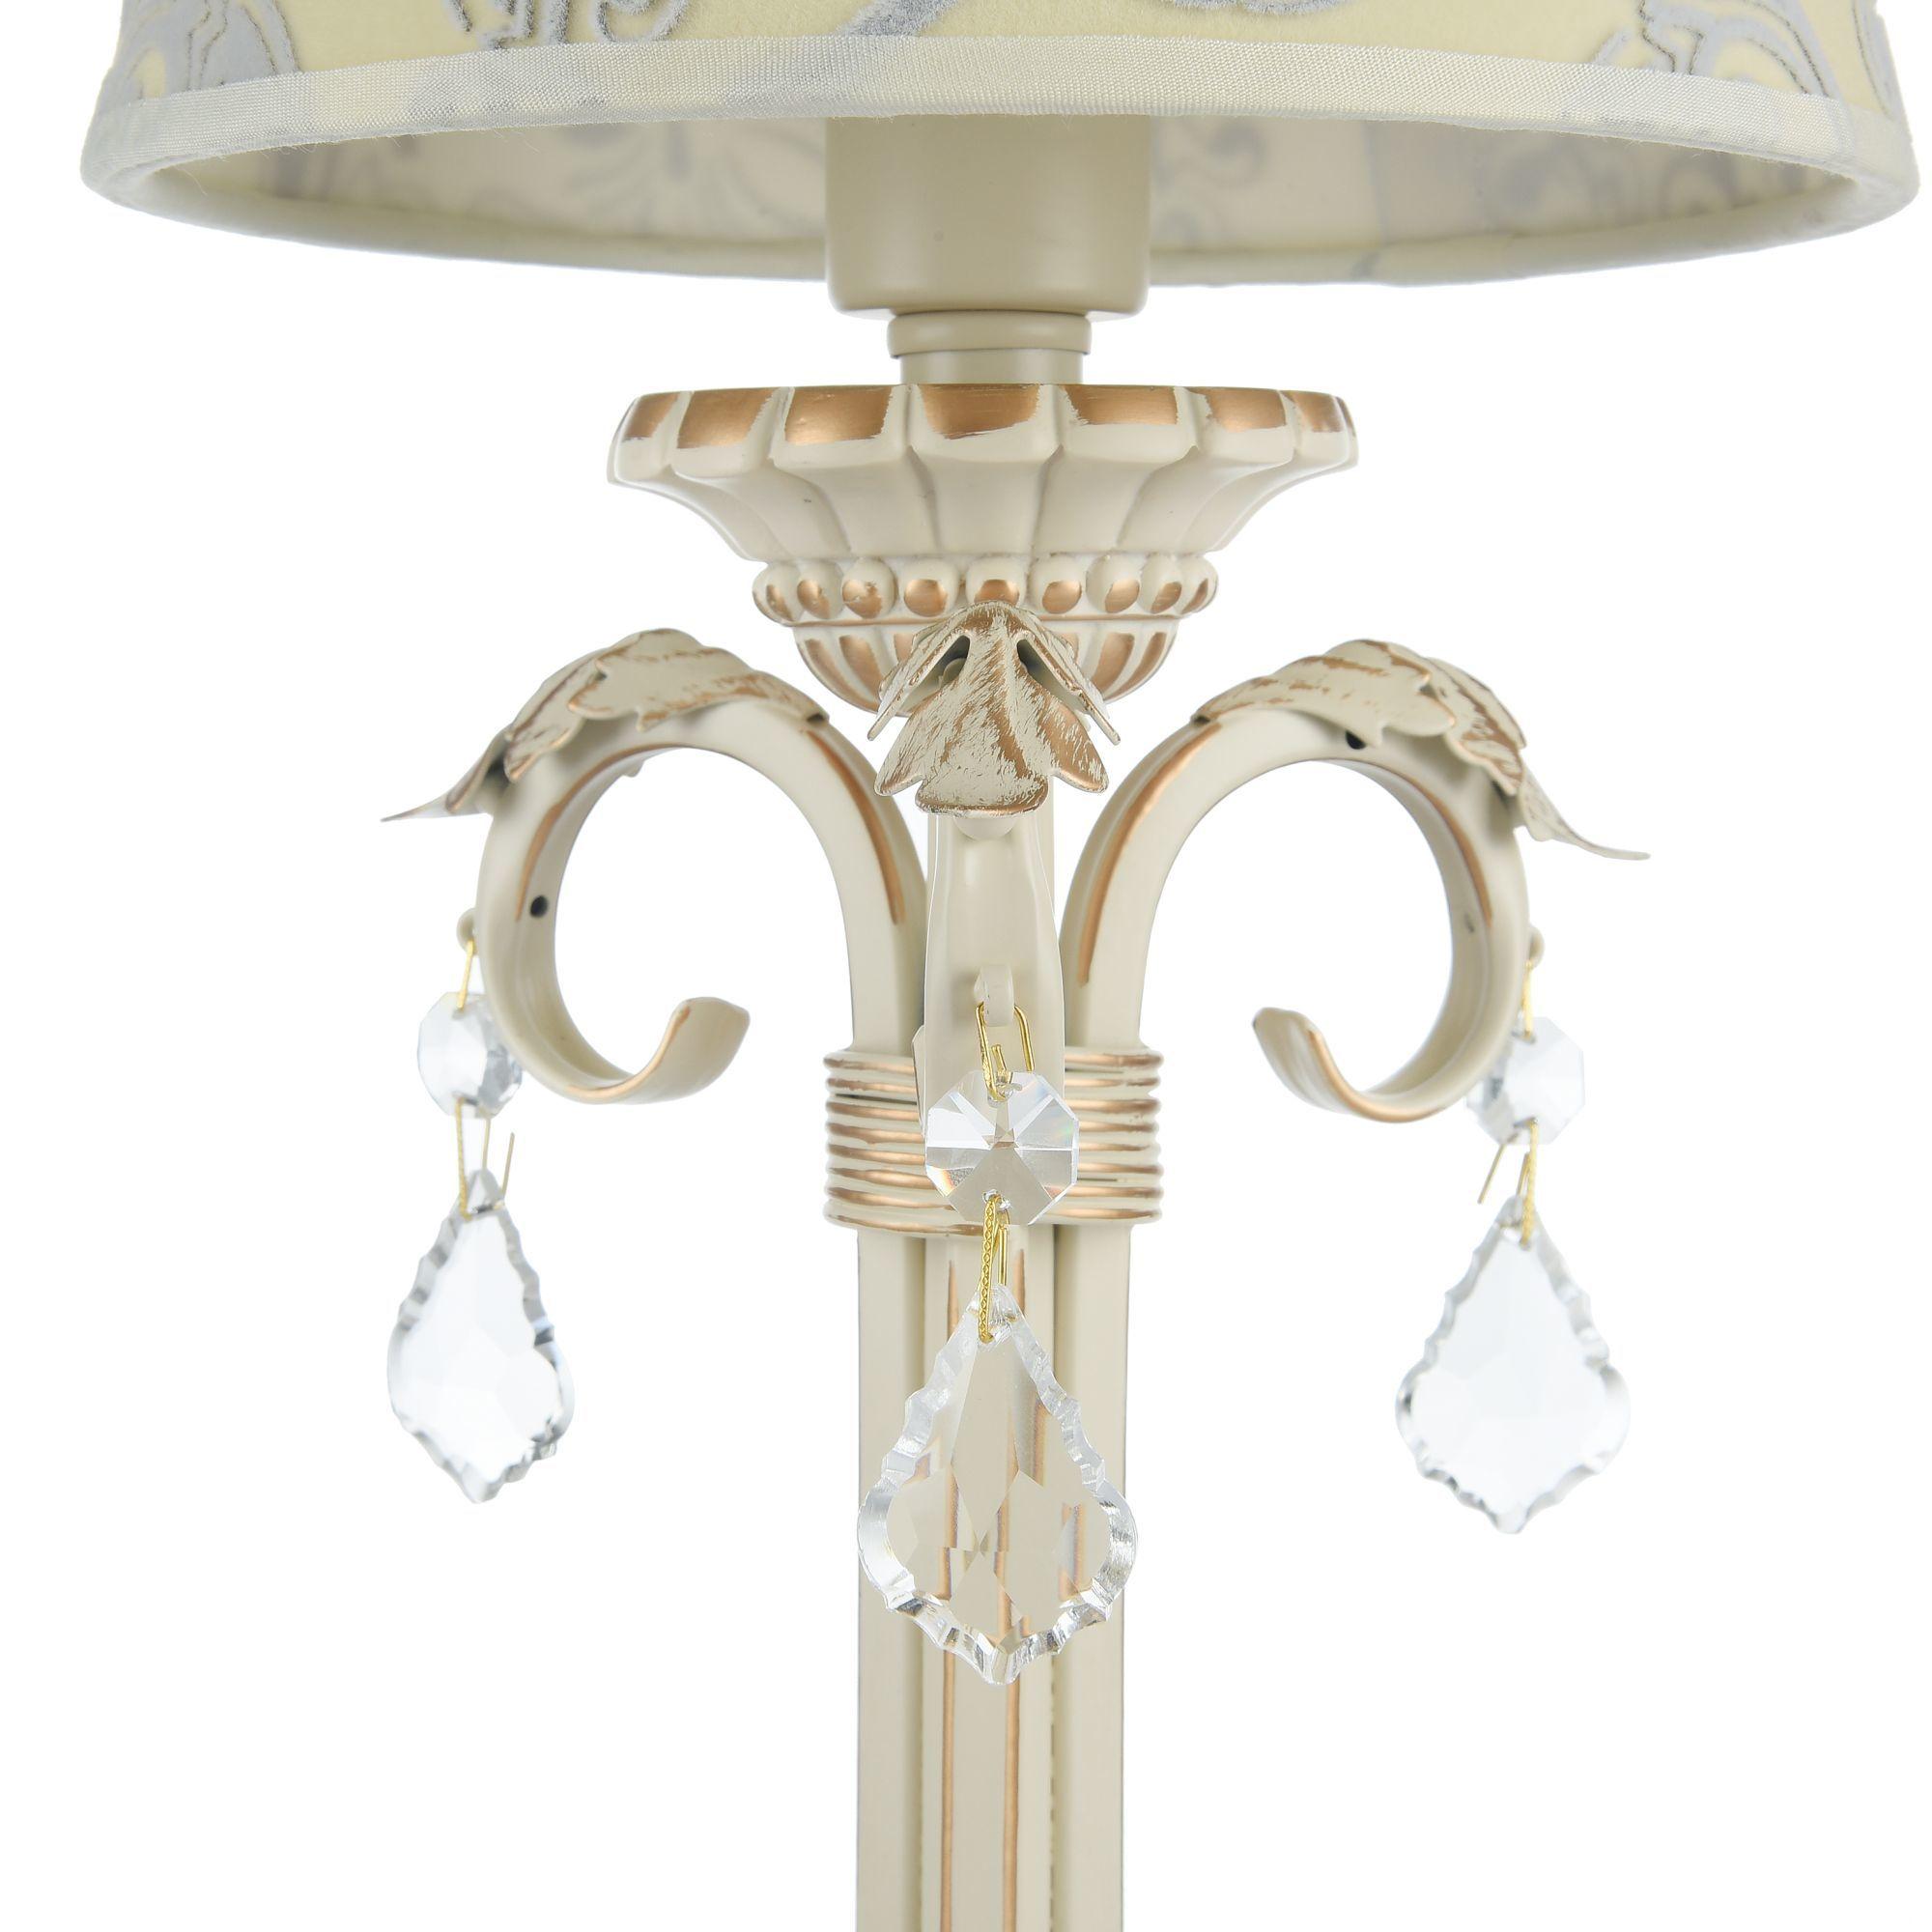 Настольная лампа Maytoni Velvet ARM219-00-G, 1xE14x40W, белый, матовое золото, бежевый, прозрачный, металл, текстиль, стекло - фото 6